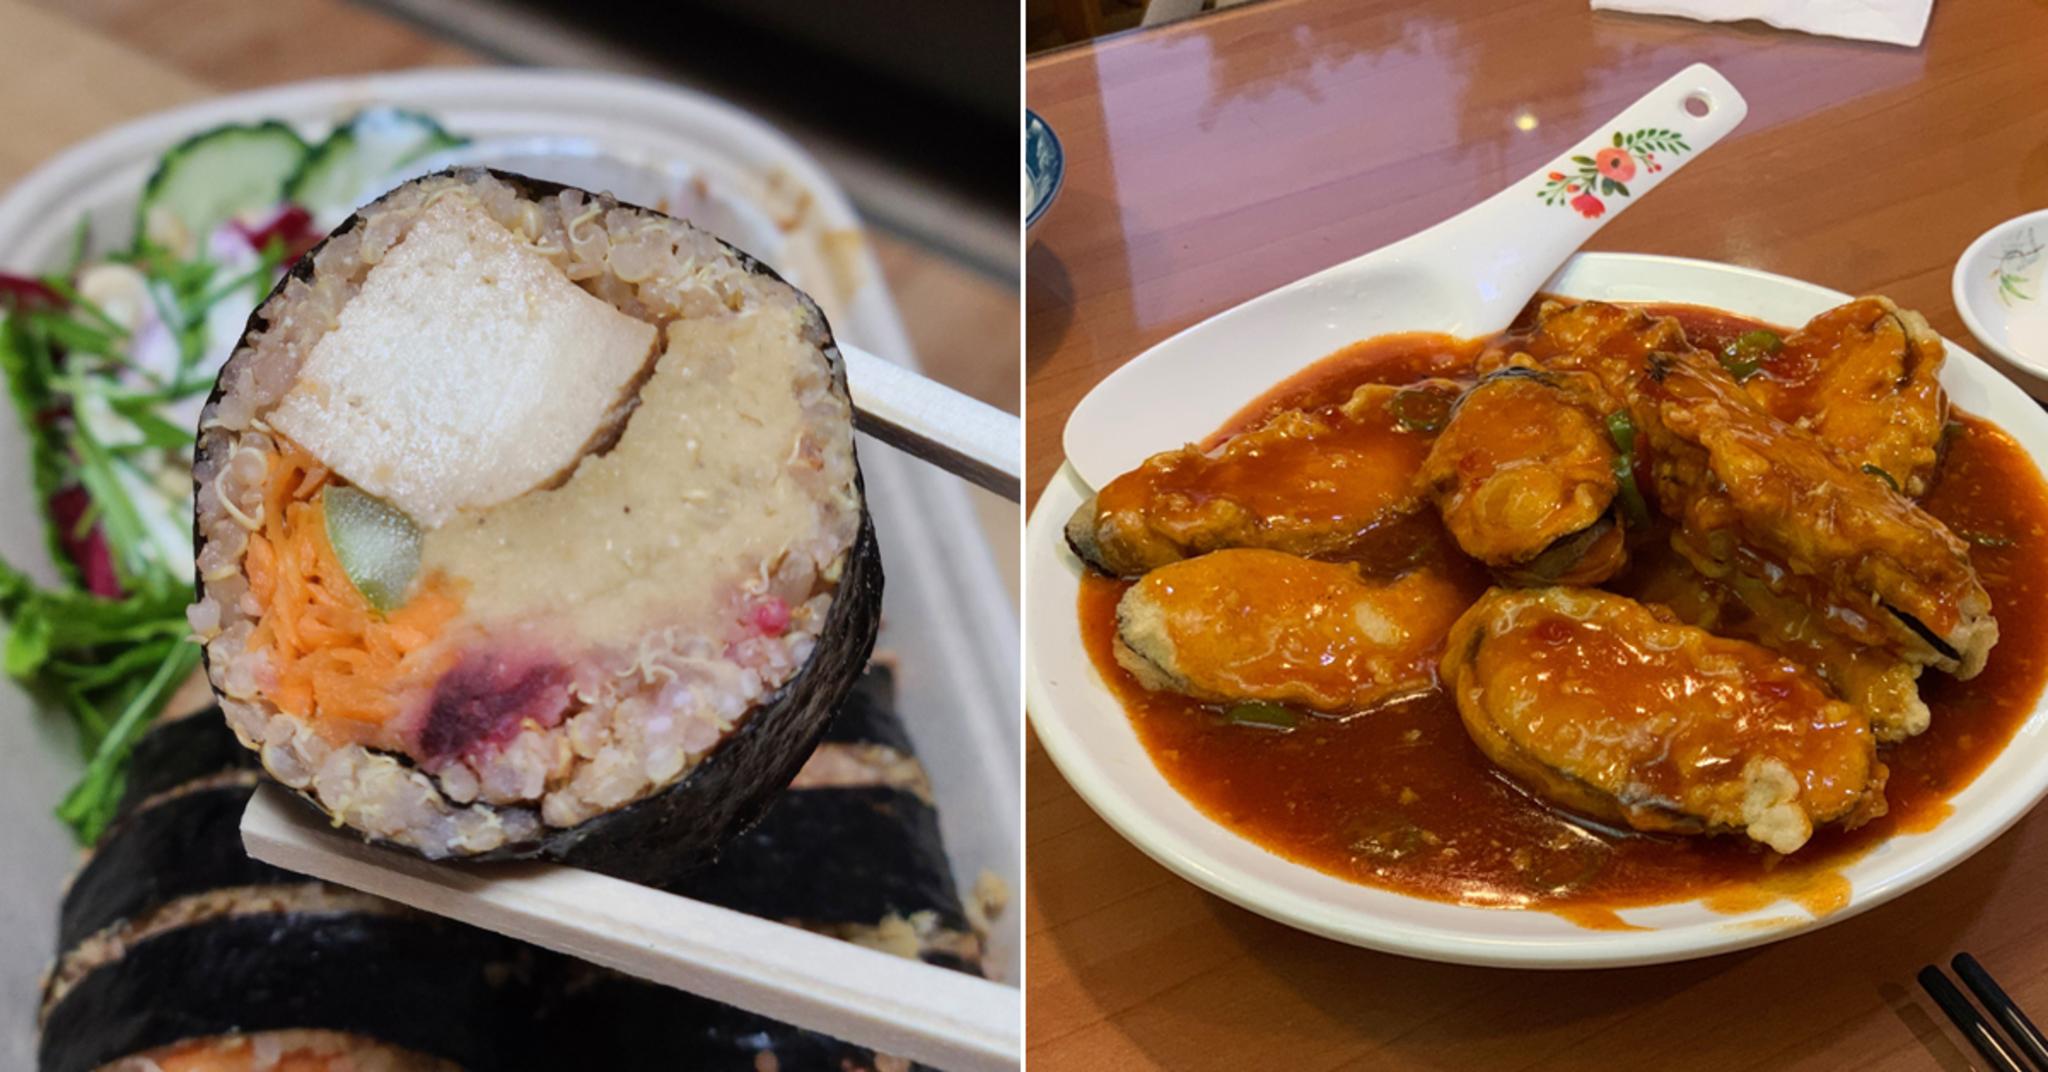 채식인들의 먹킷리스트! 비건 맛집 8곳 사진 - 채식이 맛없다는 편견을 깨줄 이곳들!